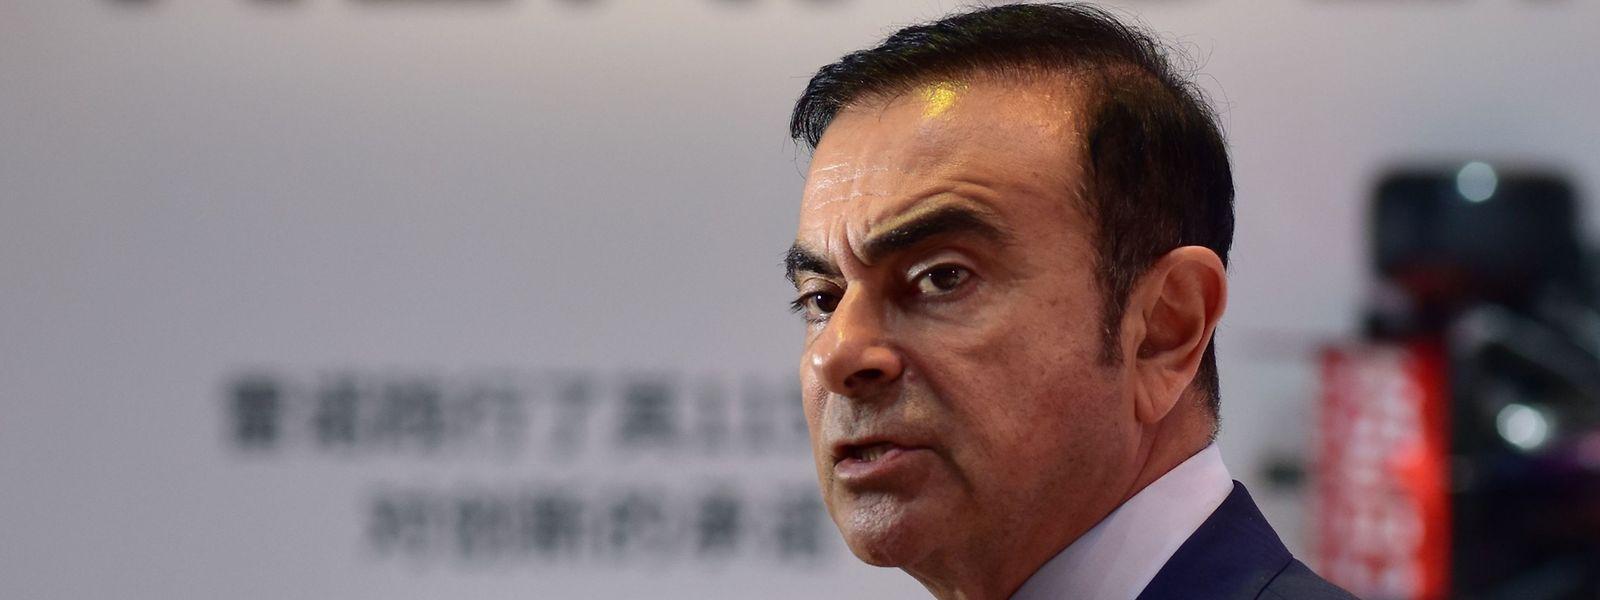 Carlos Ghosn, PDG de Renault depuis 2009, gagne plus de 7 millions d'euros par an. Au titre de PDG de Nissan, il avait touché pour la période d'avril 2016 à mars 2017, 8,8 millions d'euros.